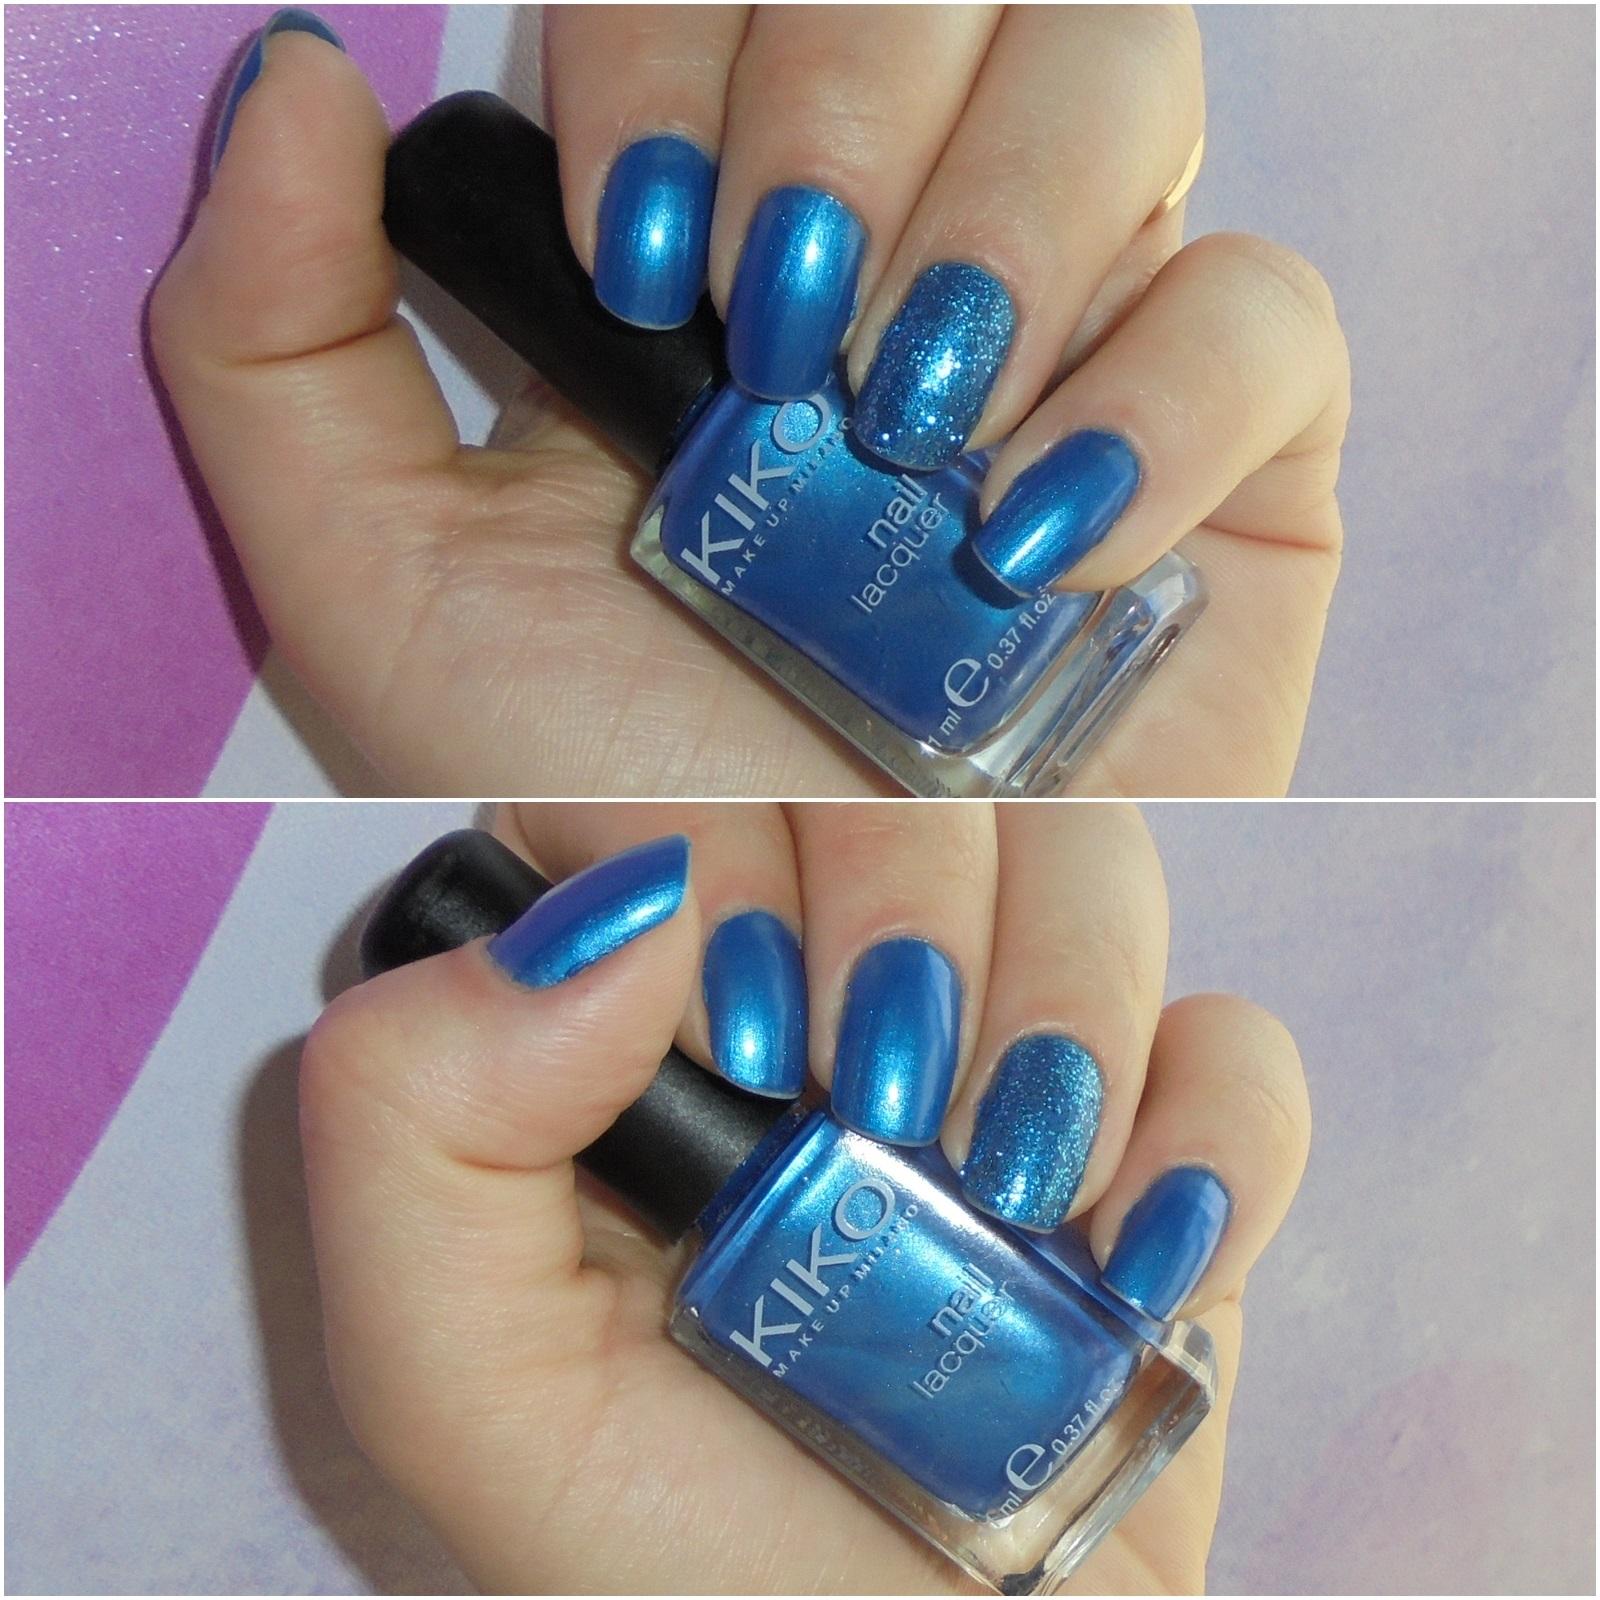 unhas-da-semana-kiko-cosmetics-nail-lacquer-267-4